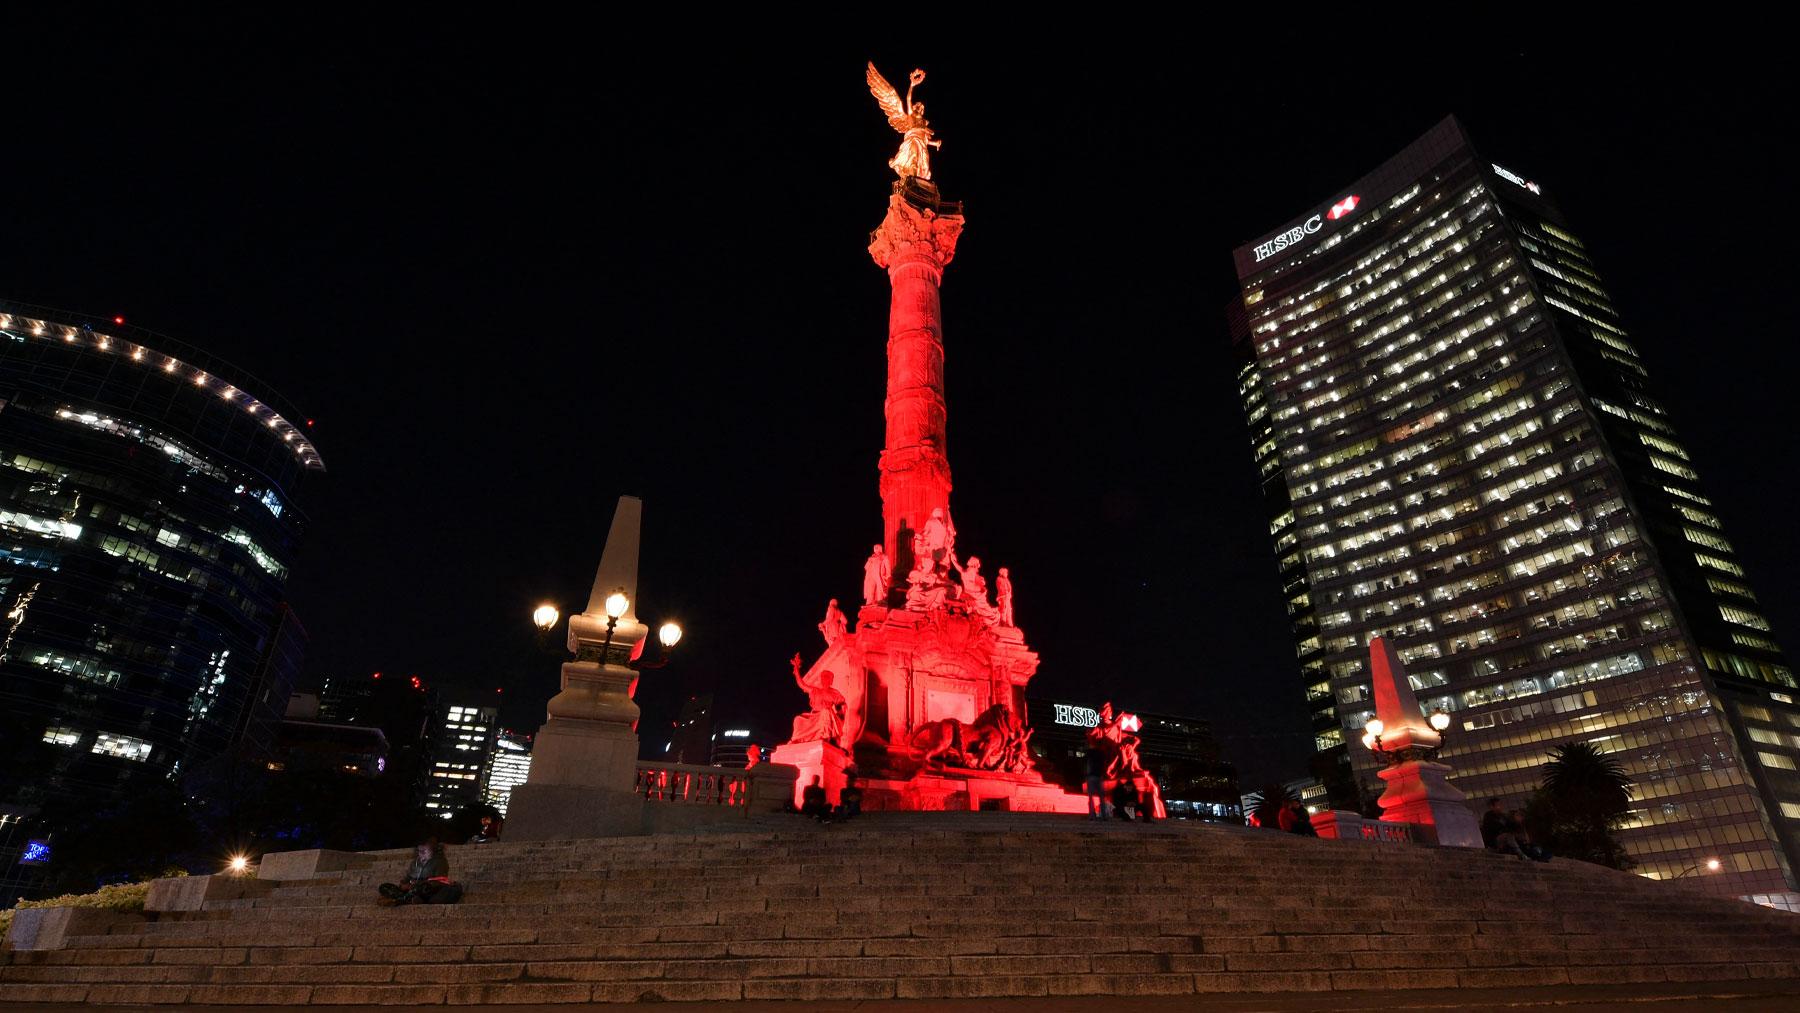 El famoso monumento mexicano de 'El ángel de la Independencia' iluminado de rojo por el día internacional de la lucha contra el SIda. Foto: AFP